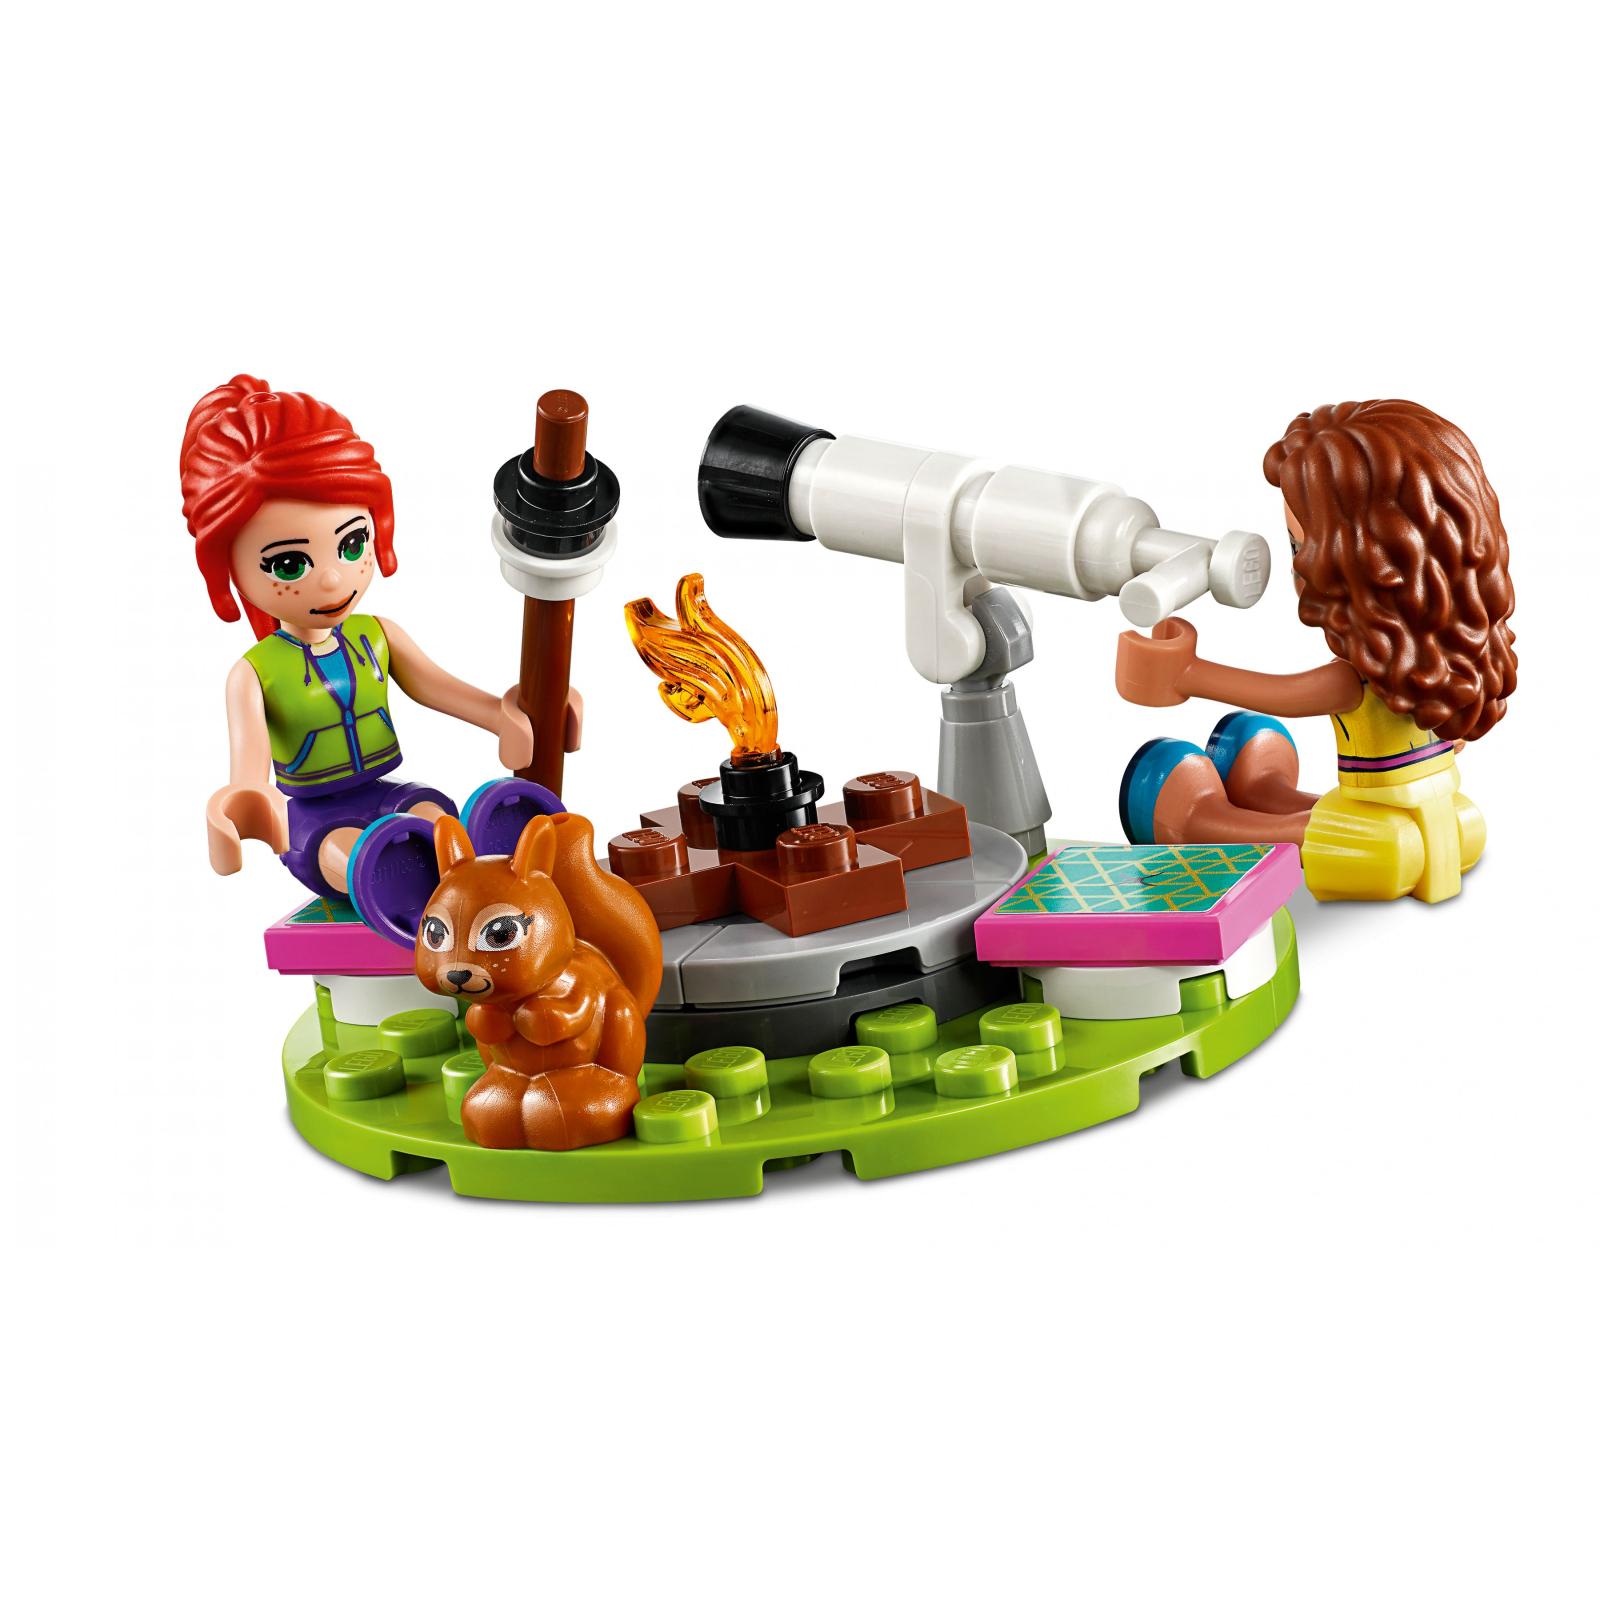 Конструктор LEGO Friends Роскошный отдых на природе 241 деталь (41392) изображение 5